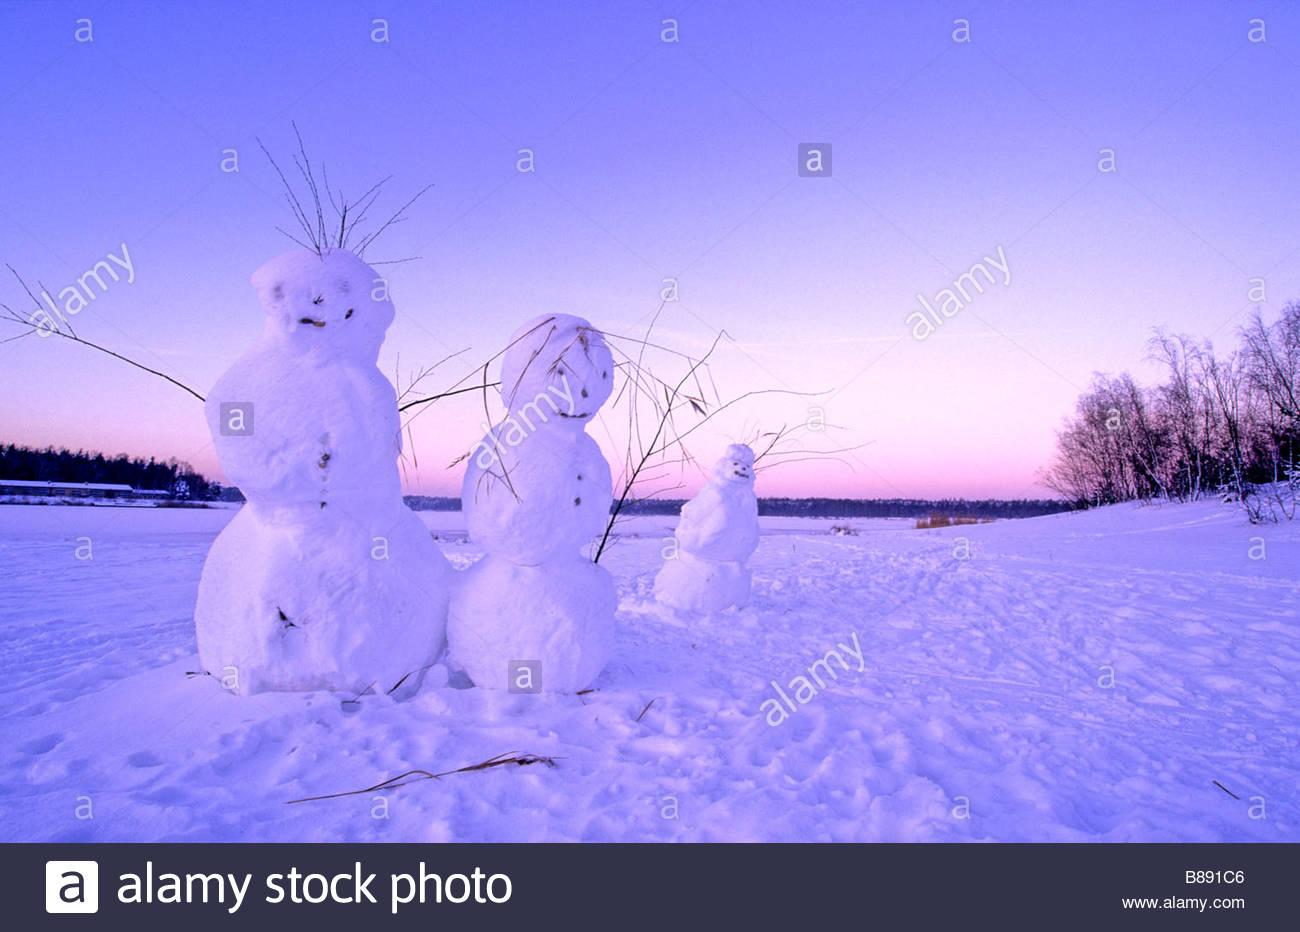 snowman family next to lake Germany Schneemannfamilie neben einem See - Stock Image